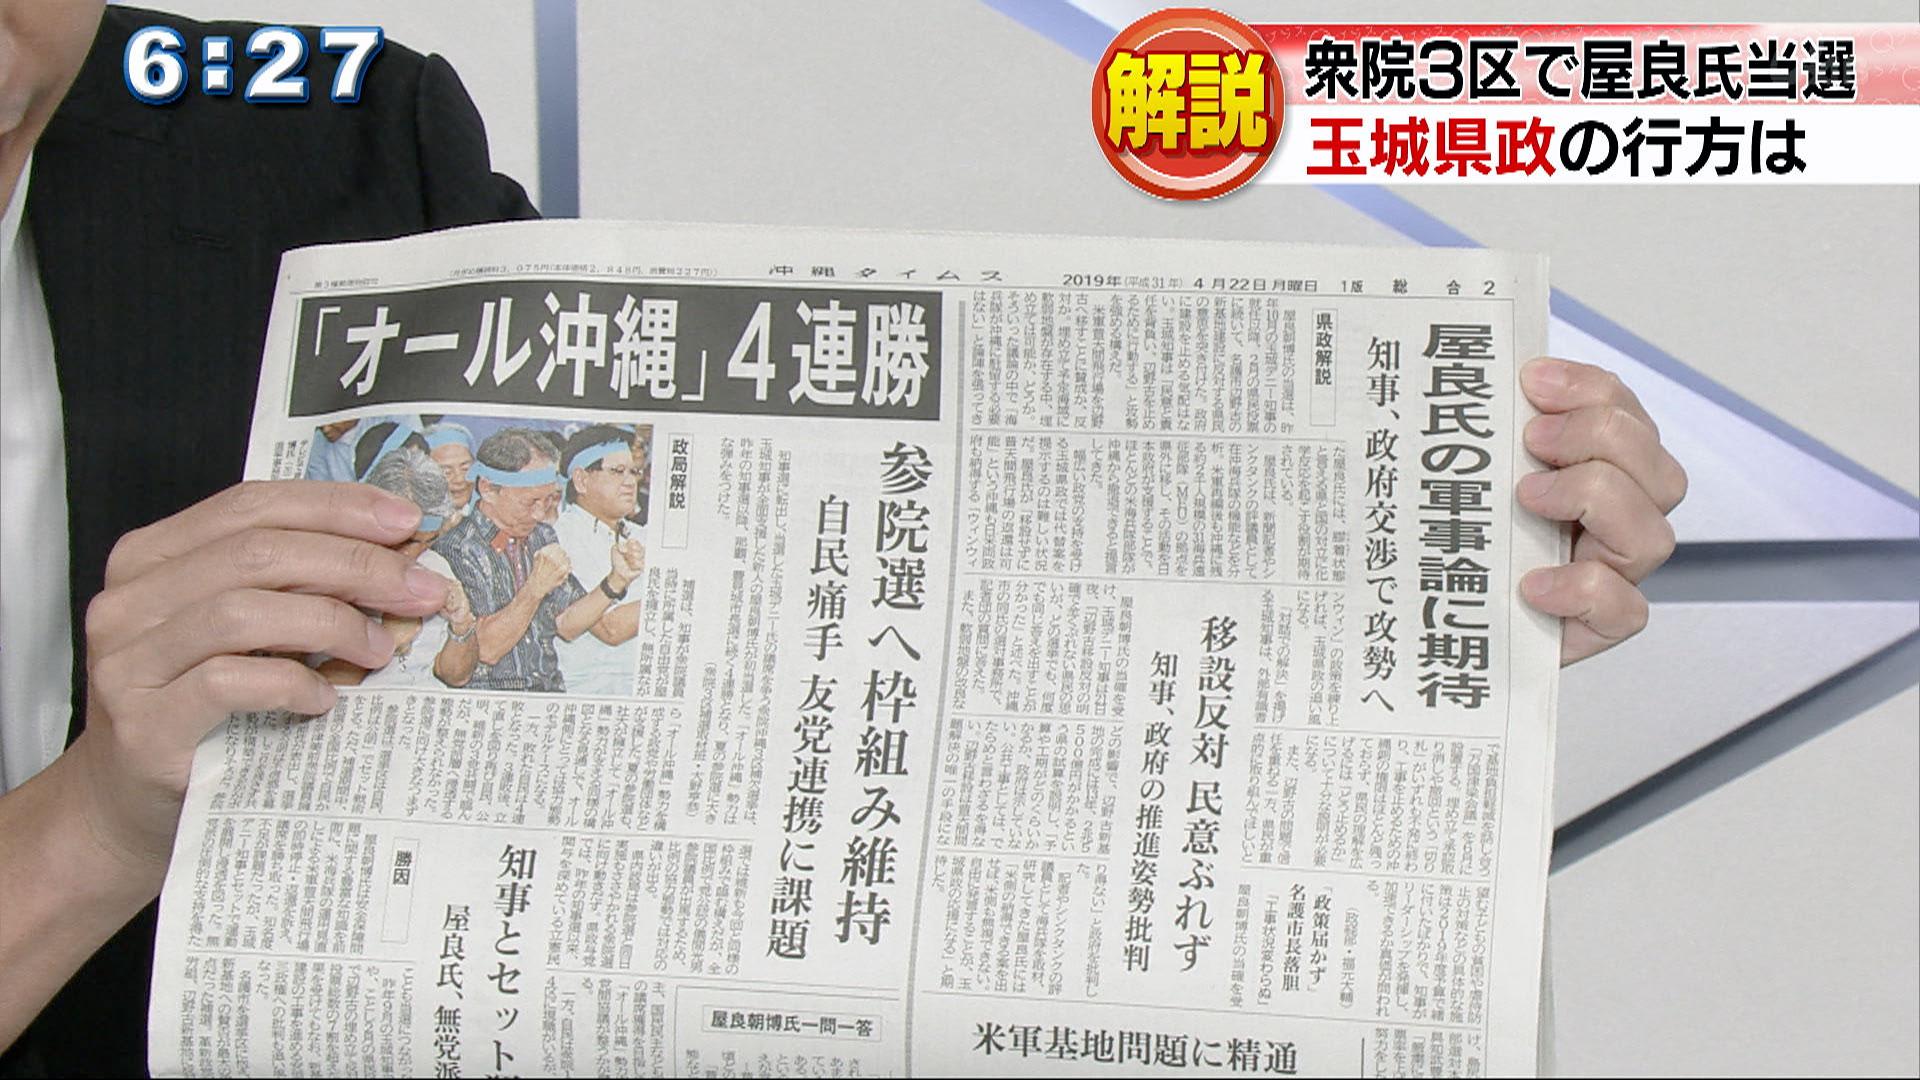 沖縄タイムス福元県政キャップに聞く